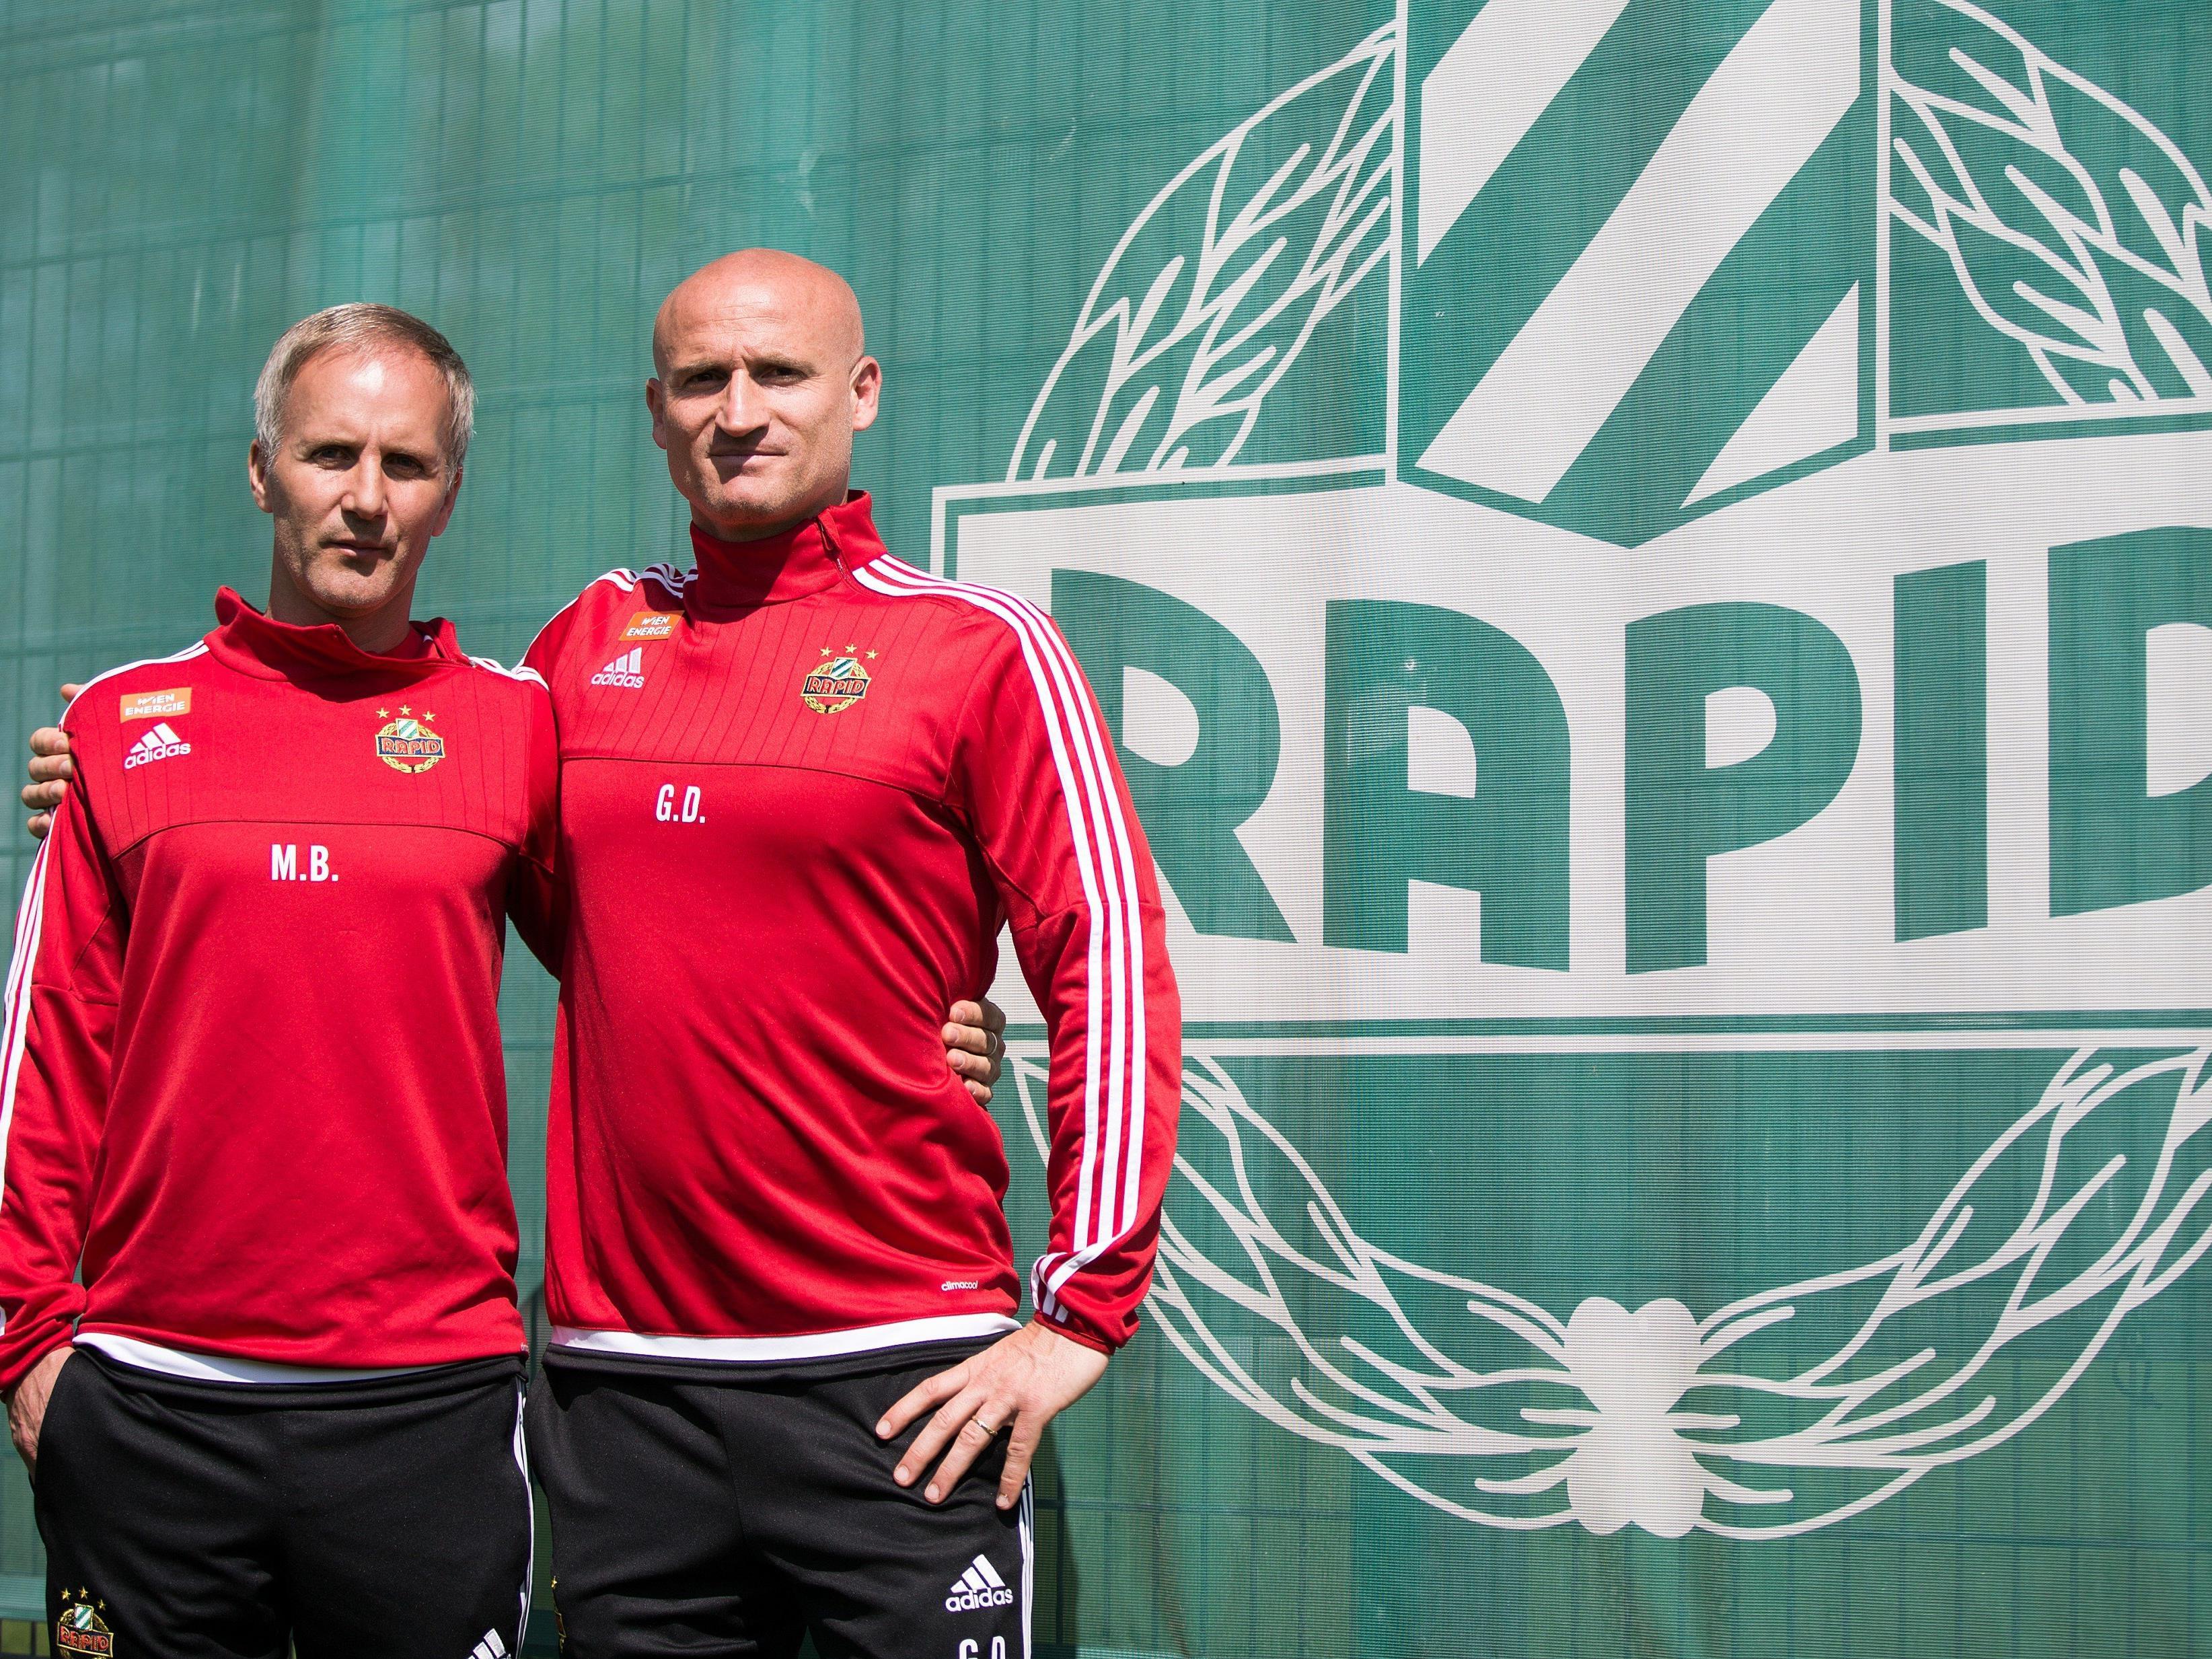 Rapids neues Trainergespann Martin Bernhard und Goran Djuricin.